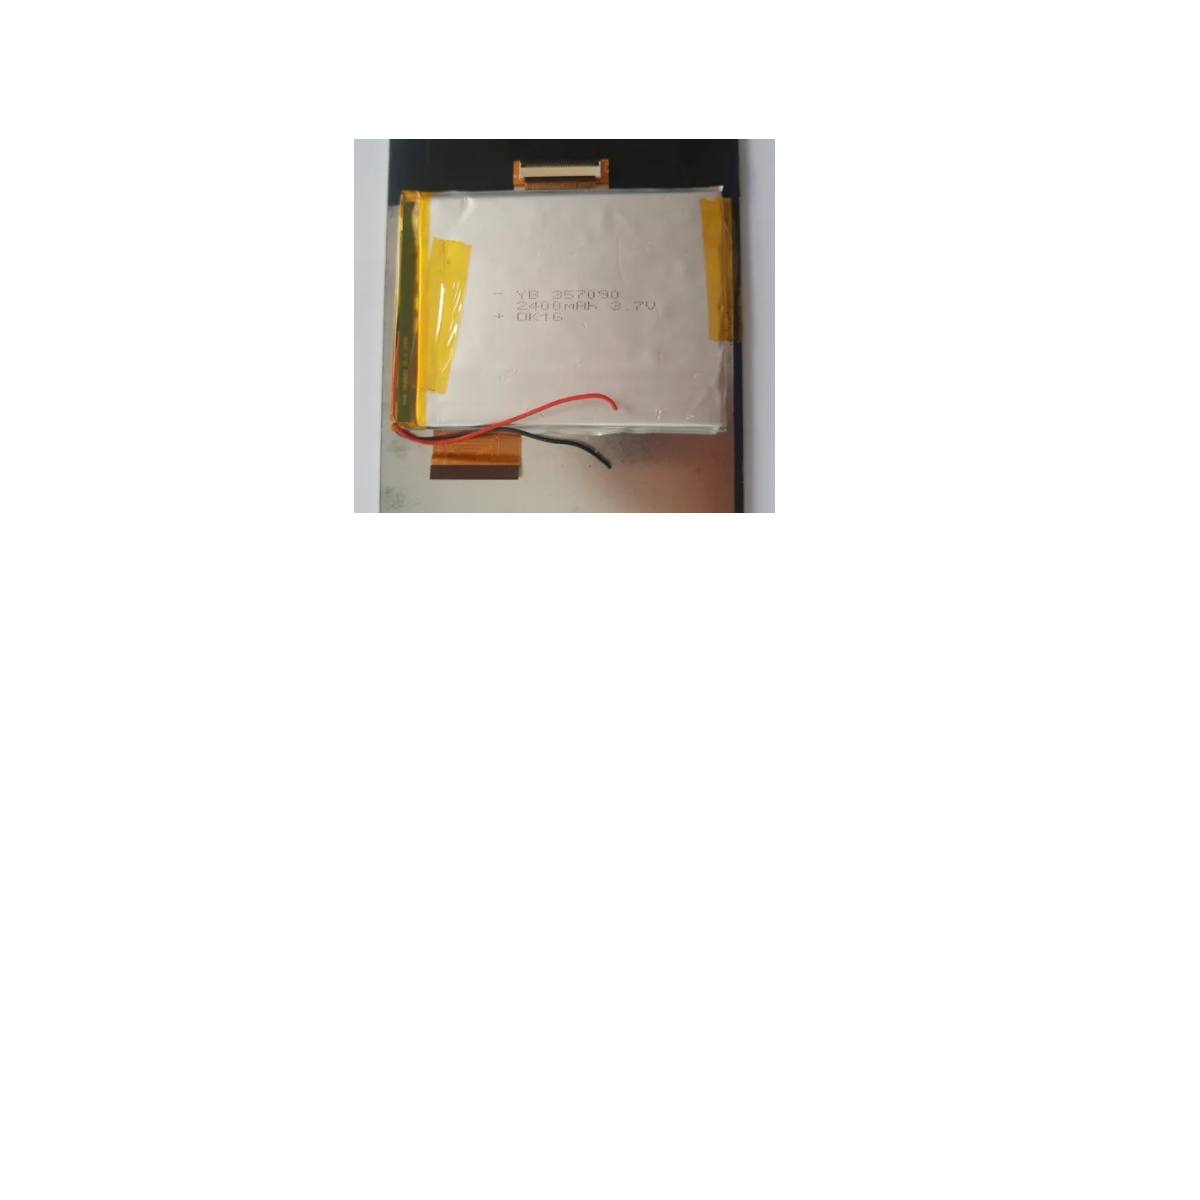 BATERIA TABLET HOW MAX QUAD A0011 RETIRADA